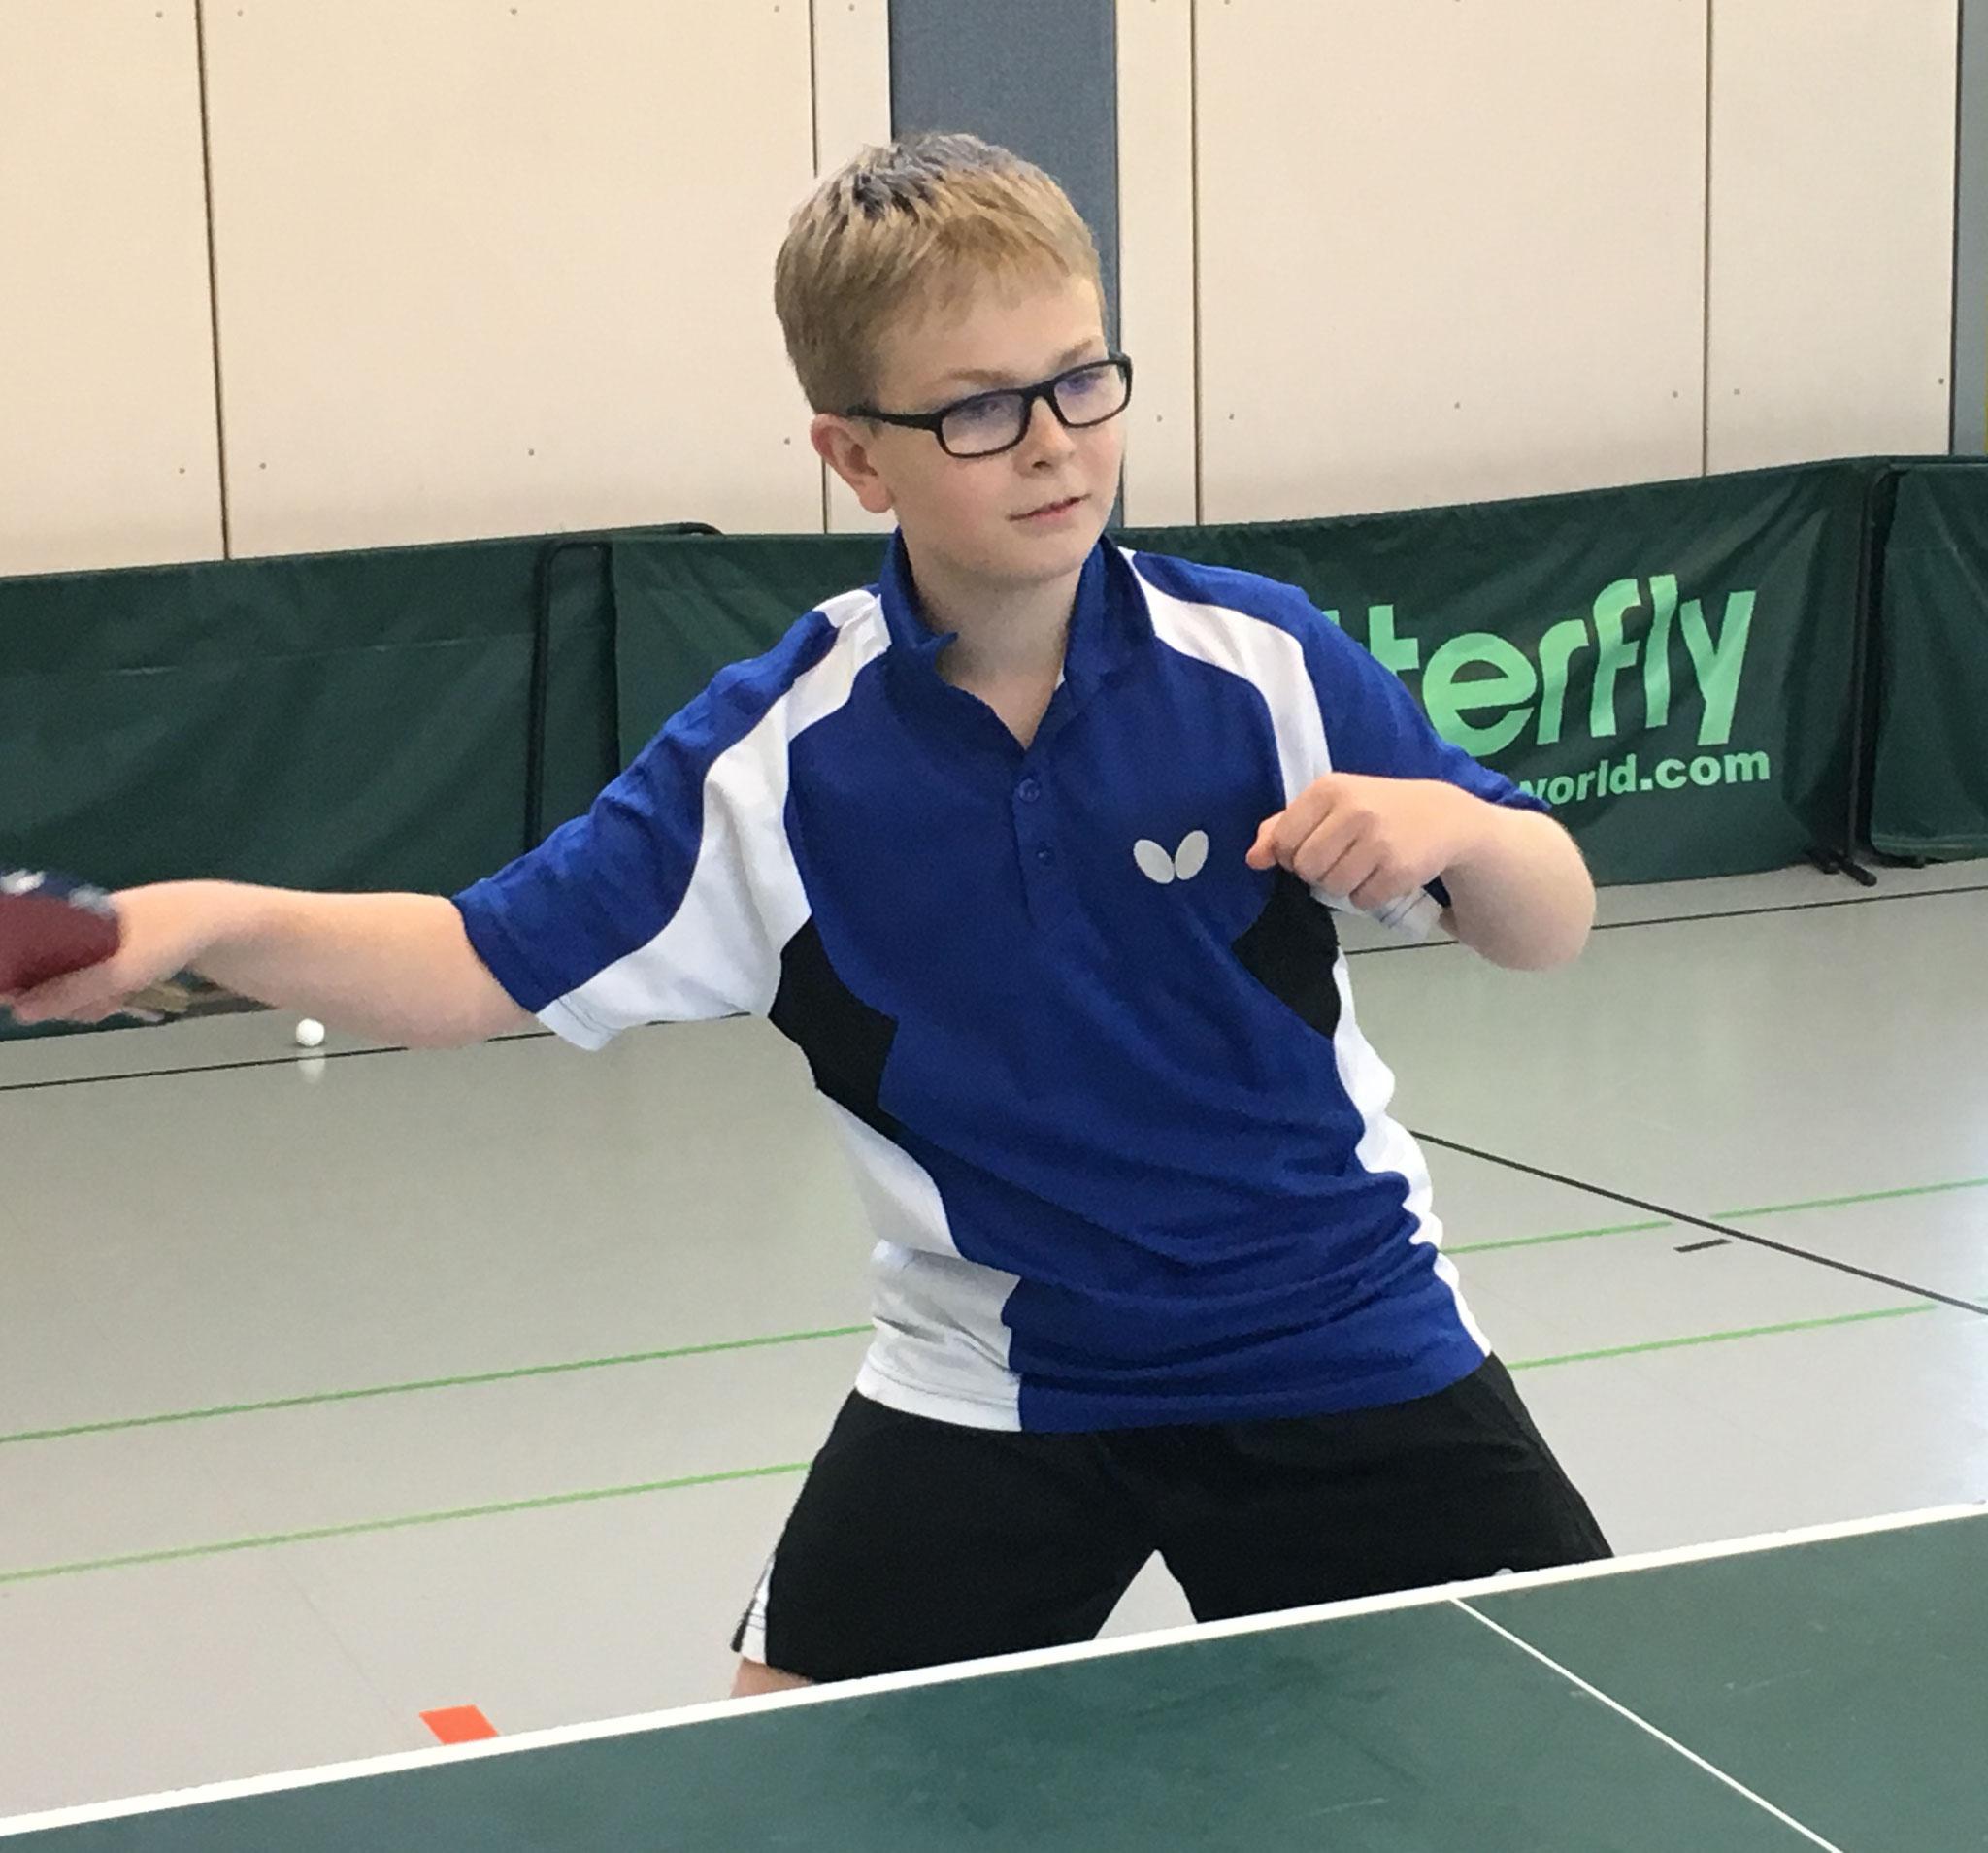 Der Autor des Bericht, Jonathan Friedel, gewann sein Einzel im Spiel gegen Staffel mit 3-0